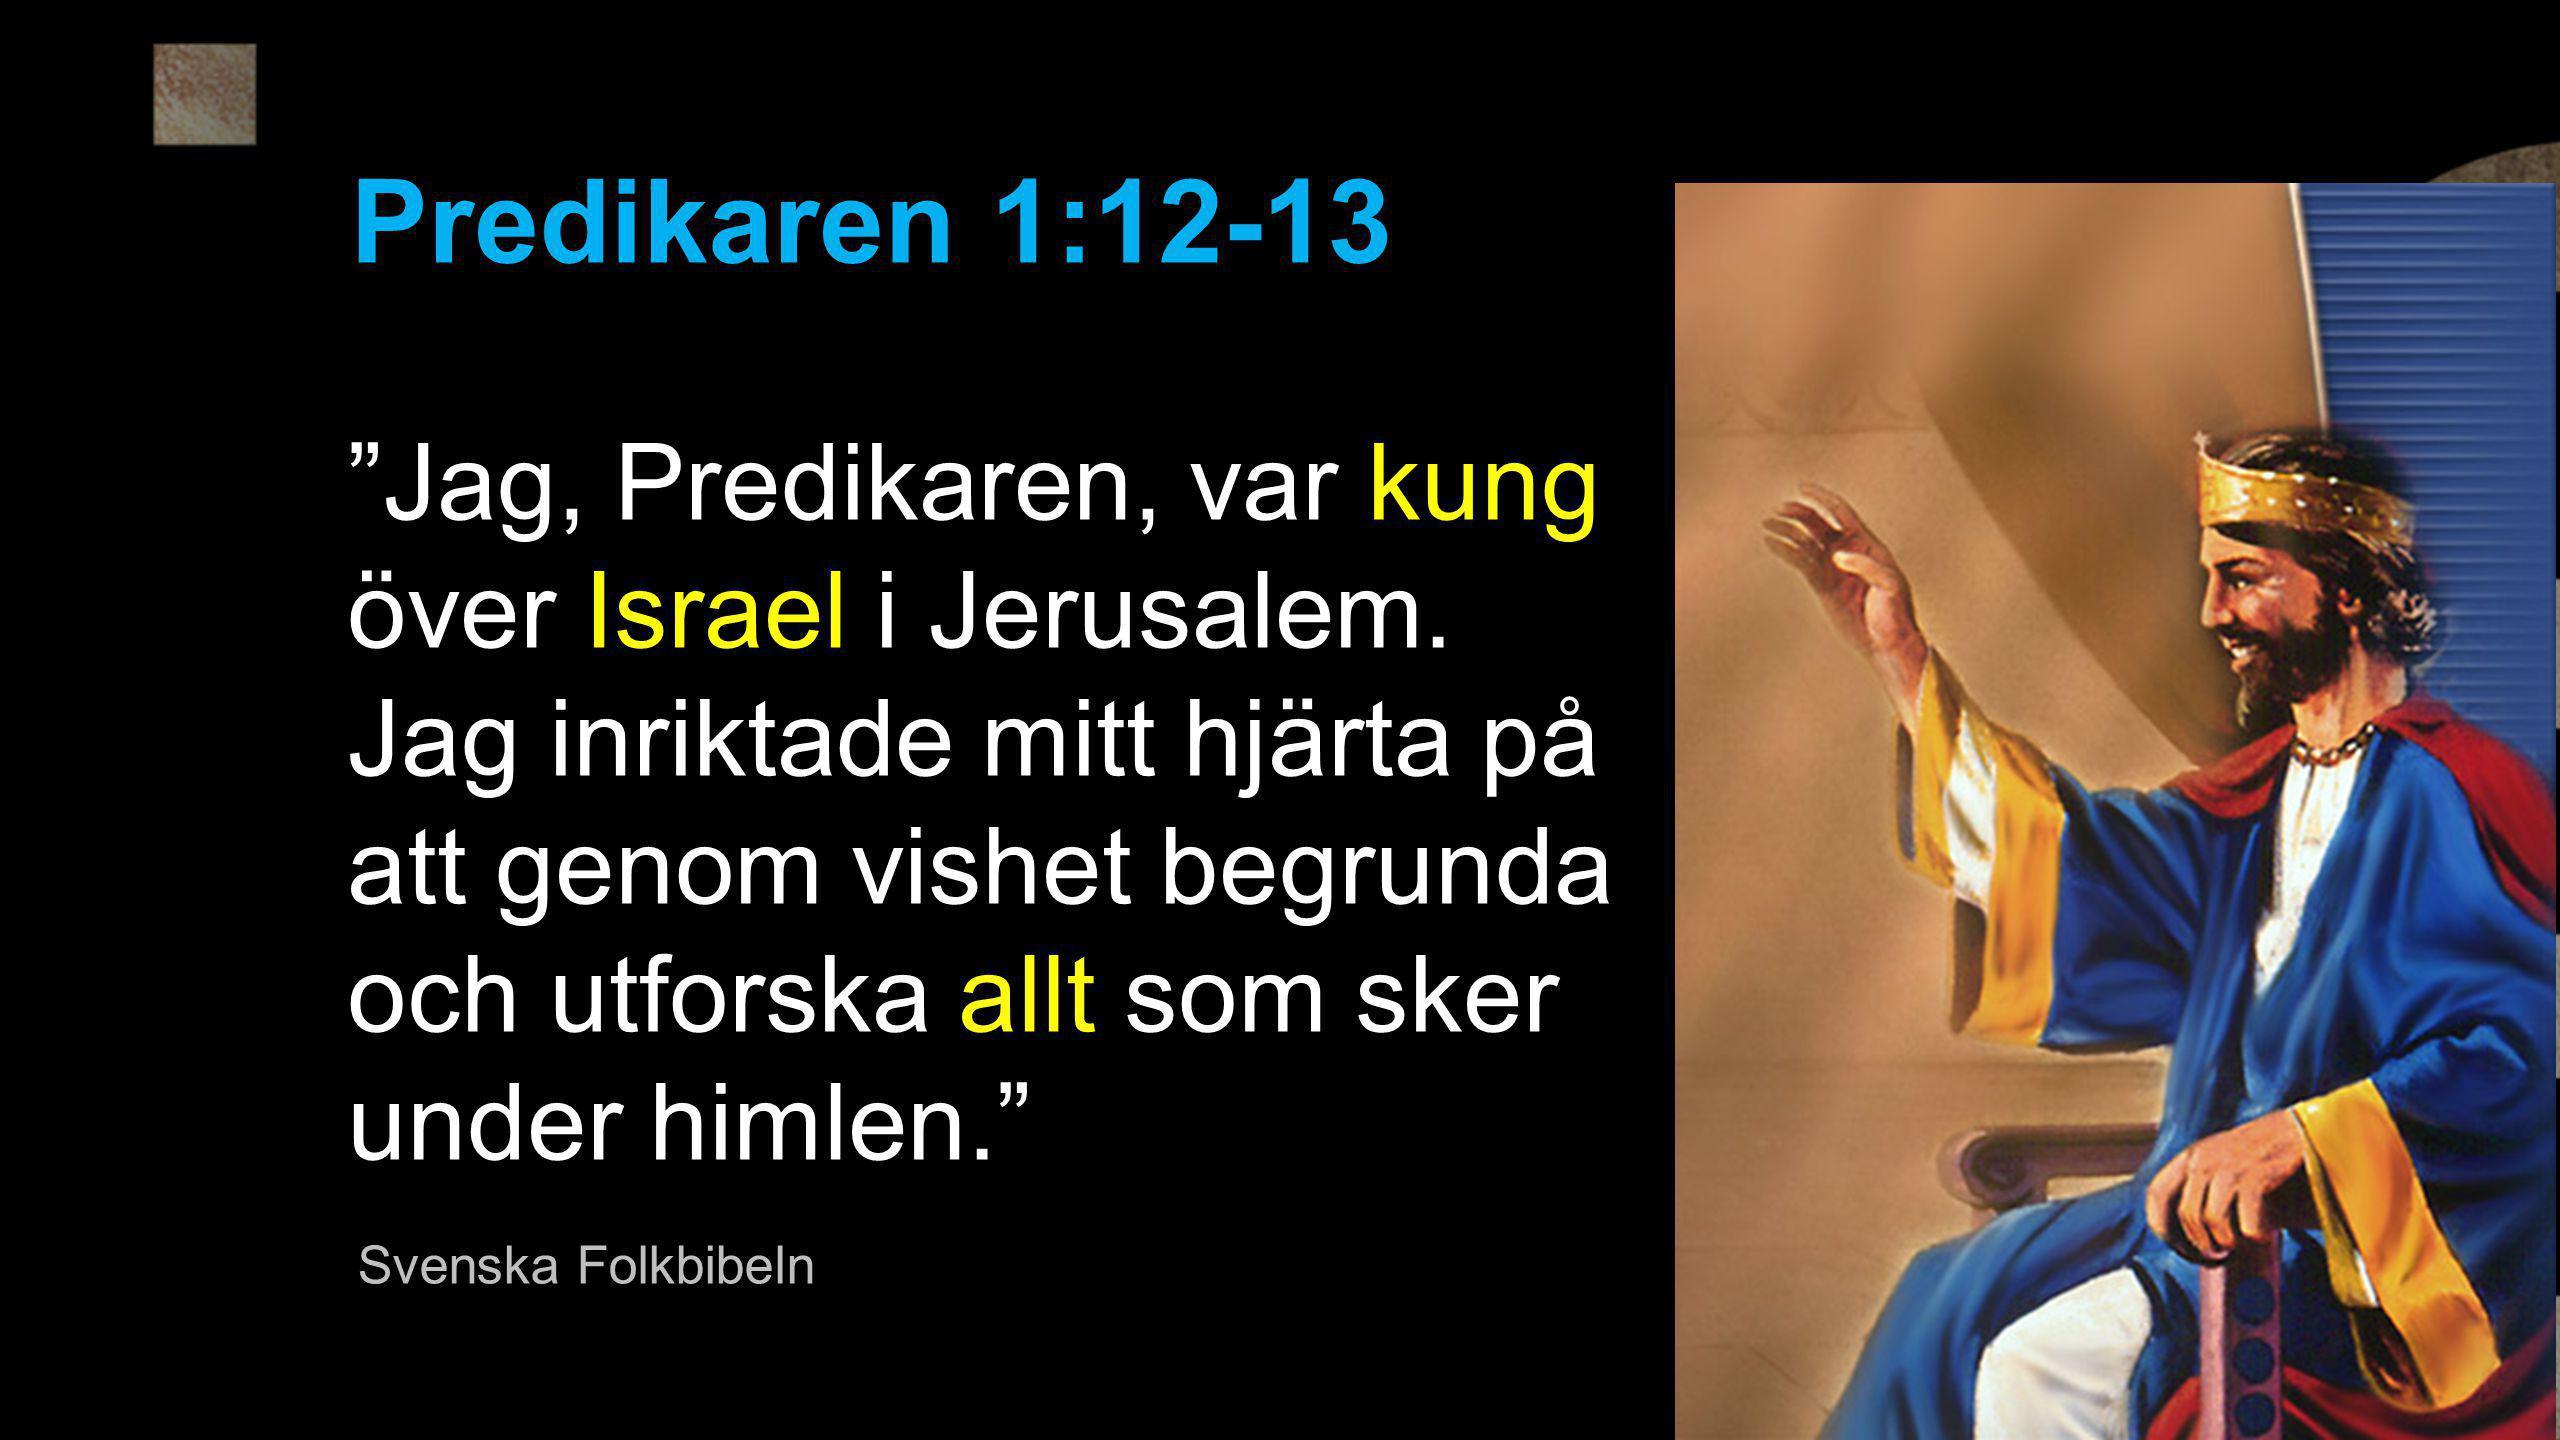 Predikaren 1:12-13